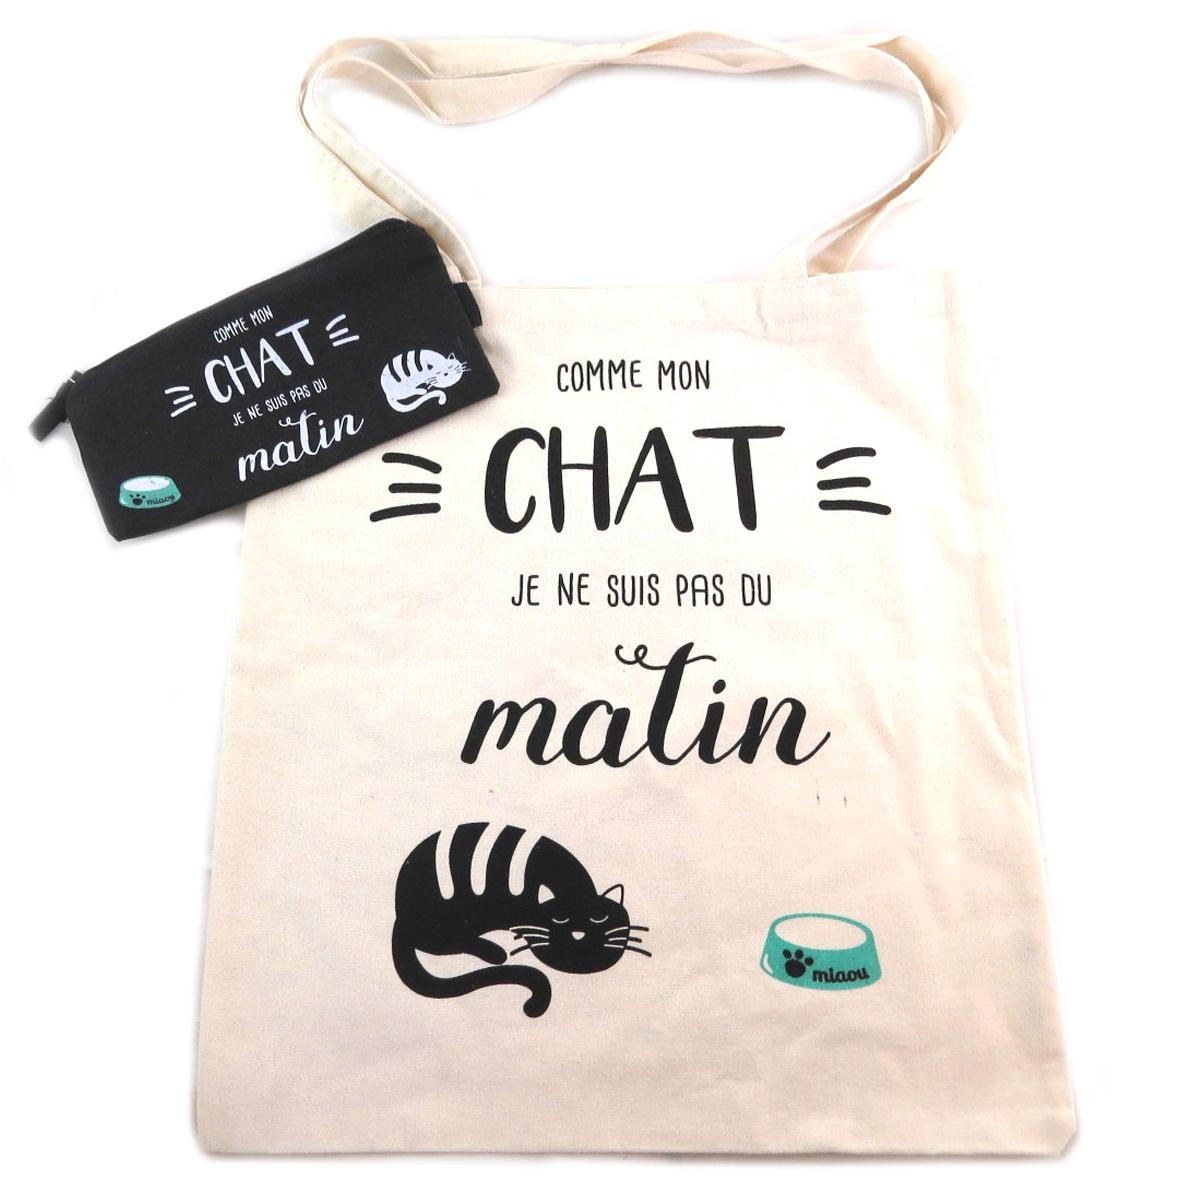 Sac coton / Tote bag + trousse \'Chat\' beige (Comme mon Chat je ne suis pas du Matin) -  41x365 cm - [Q0438]